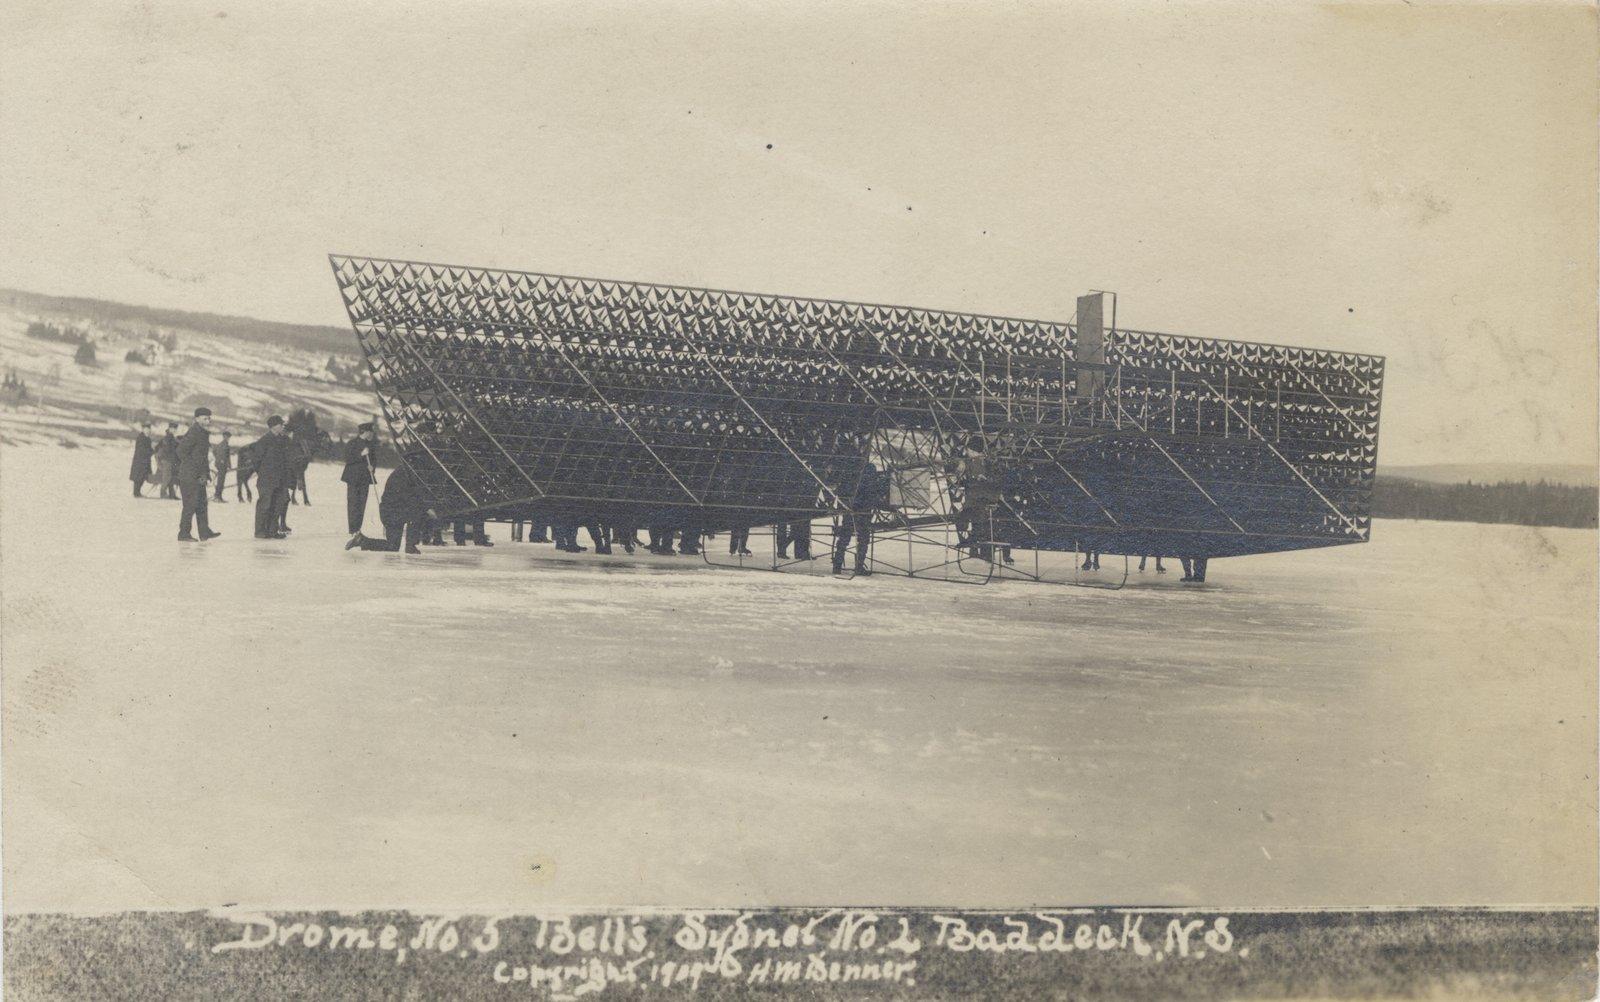 avion tetraedrique histoire cygnet 02 Avions et cerf volants tétraédriques